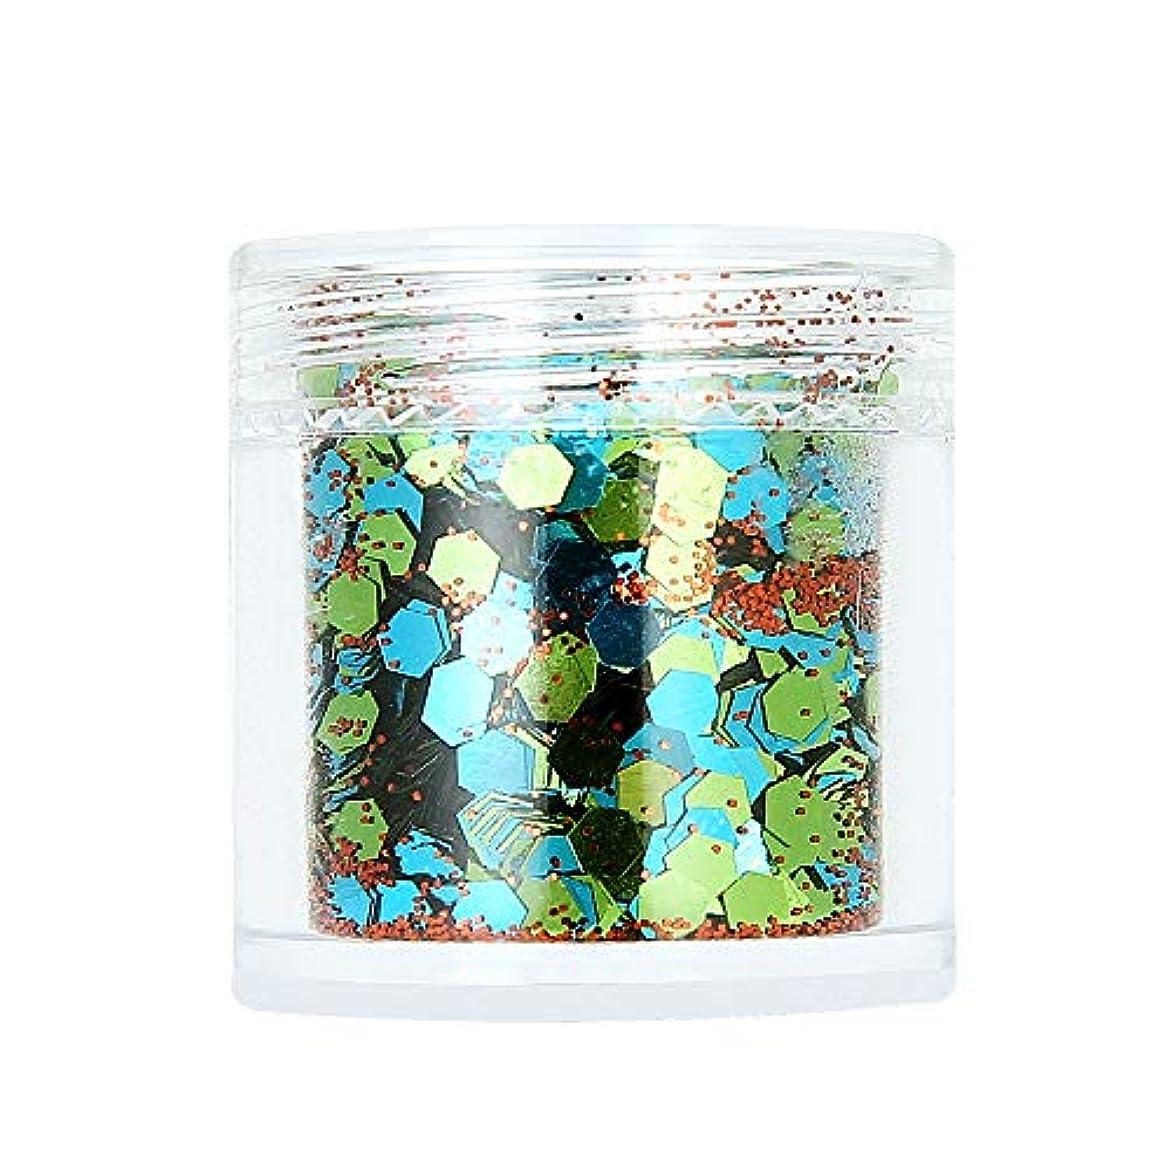 ブロック社会科メンター5ボトルルーススパンコールパウダーフェイスボディグリッターパレットネイルアートの装飾メイク